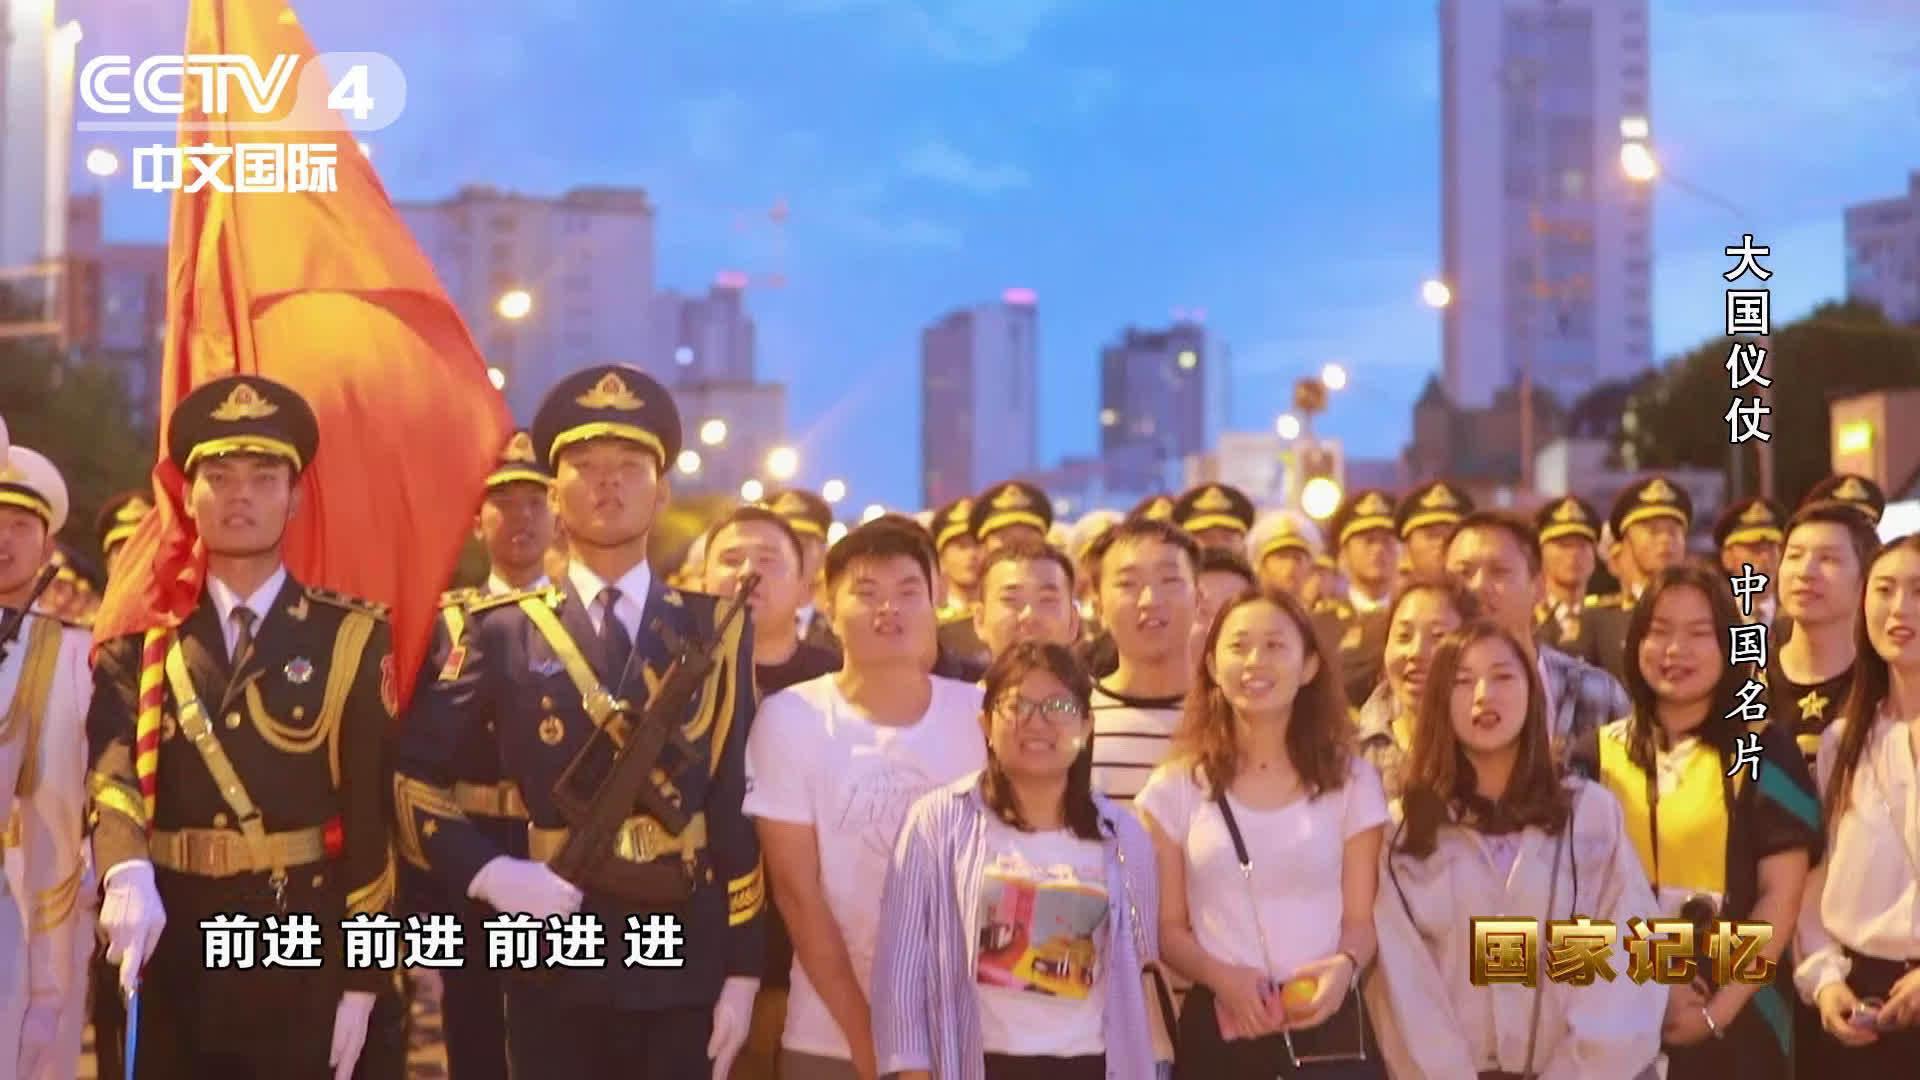 仪仗大队与华人华侨齐唱国歌